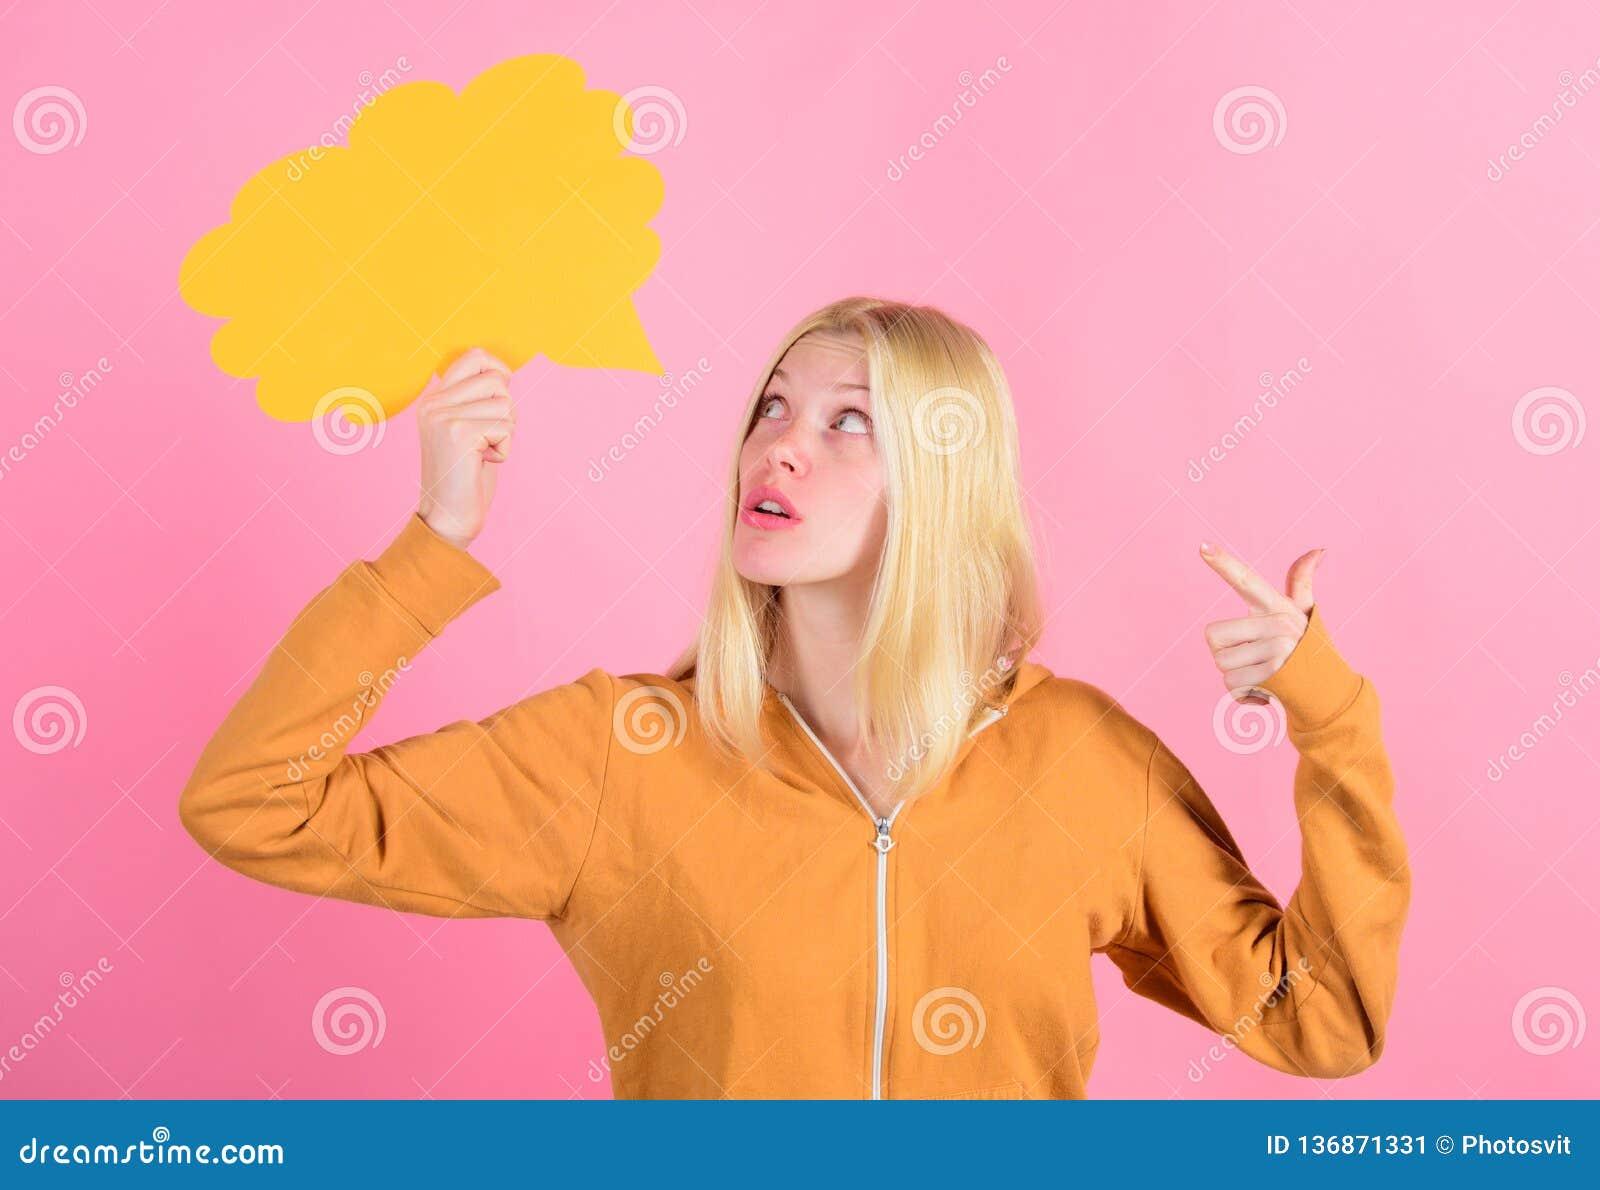 Cree la idea Pensamientos de la mujer adorable alegre Las ideas y los pensamientos copian el espacio Idea e inspiración Idea y